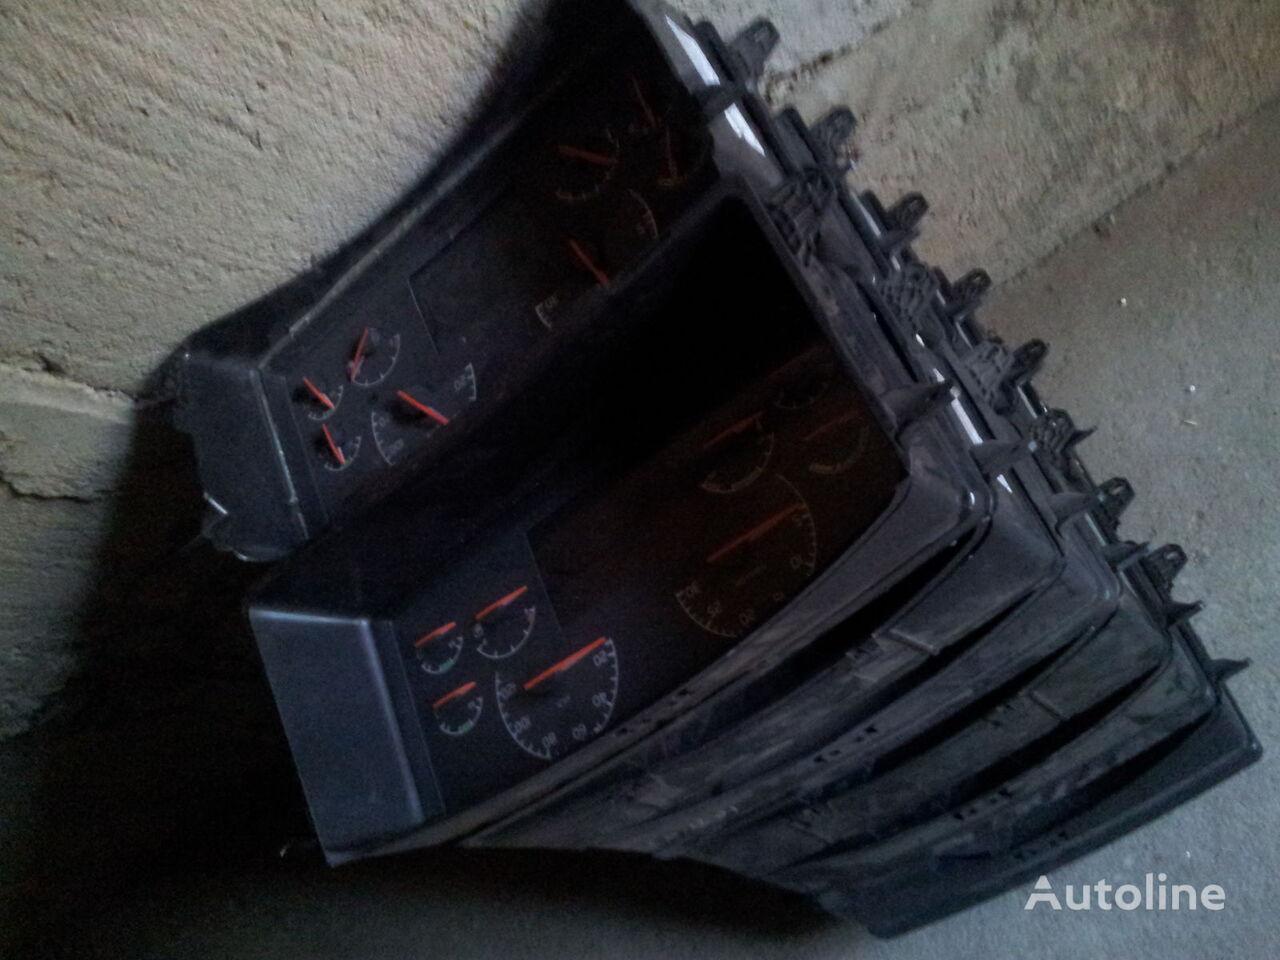 VOLVO FH12, FH13, combination kit 21842984 cluster, instrument cluster, 21542185, 21542194, 21542195, 21842984, 85135219, 85131298, 21842985, 85135219, 85131298, 21842994, 85135219, 85131298 planche de bord pour VOLVO FH13 tracteur routier